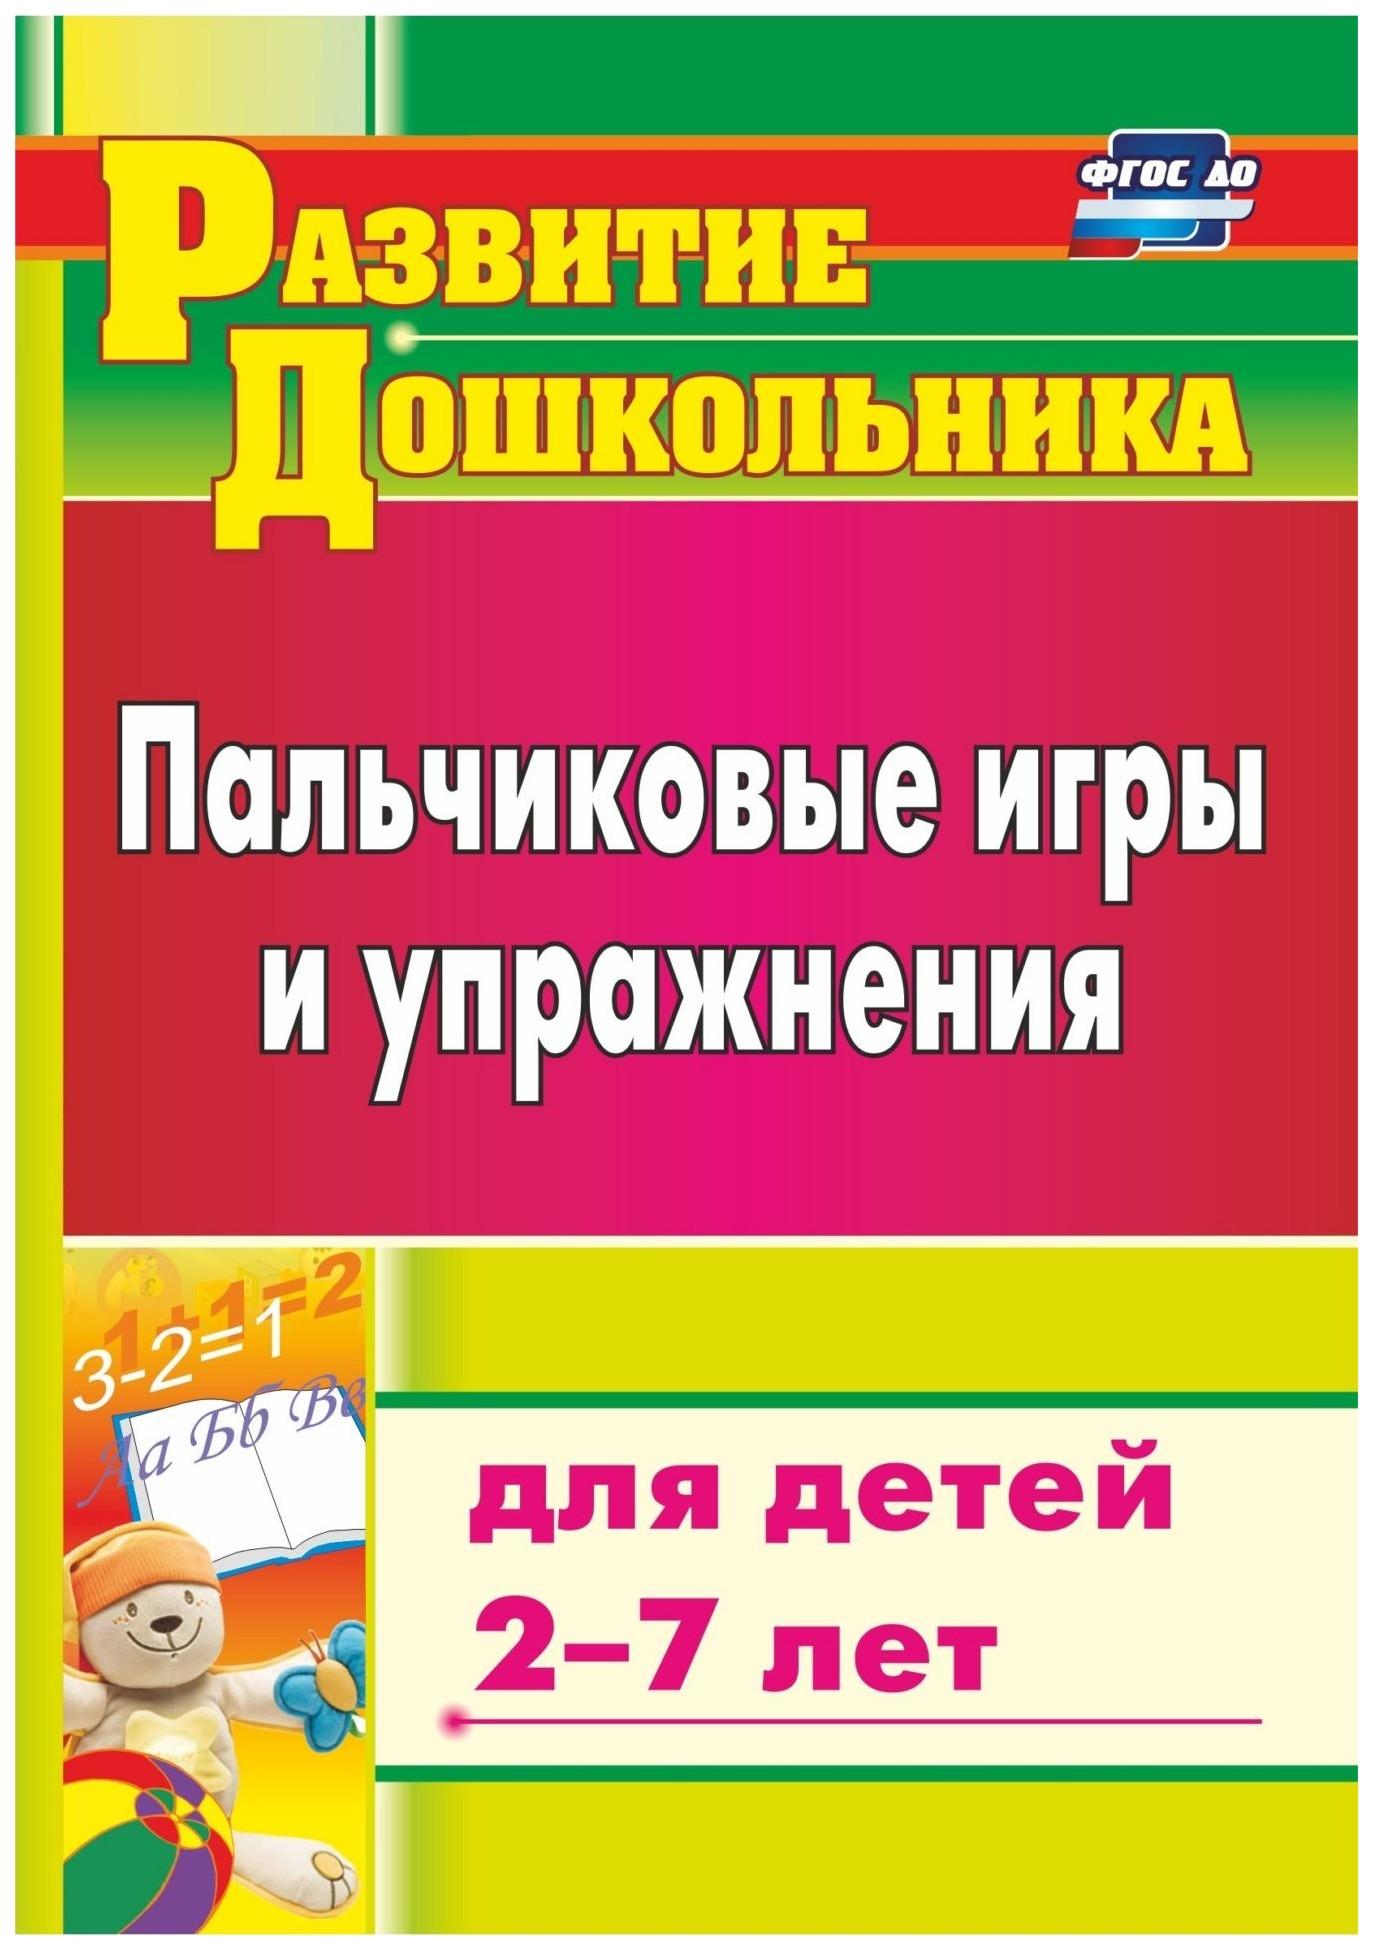 Пальчиковые игры и упражнения для детей 2-7 лет